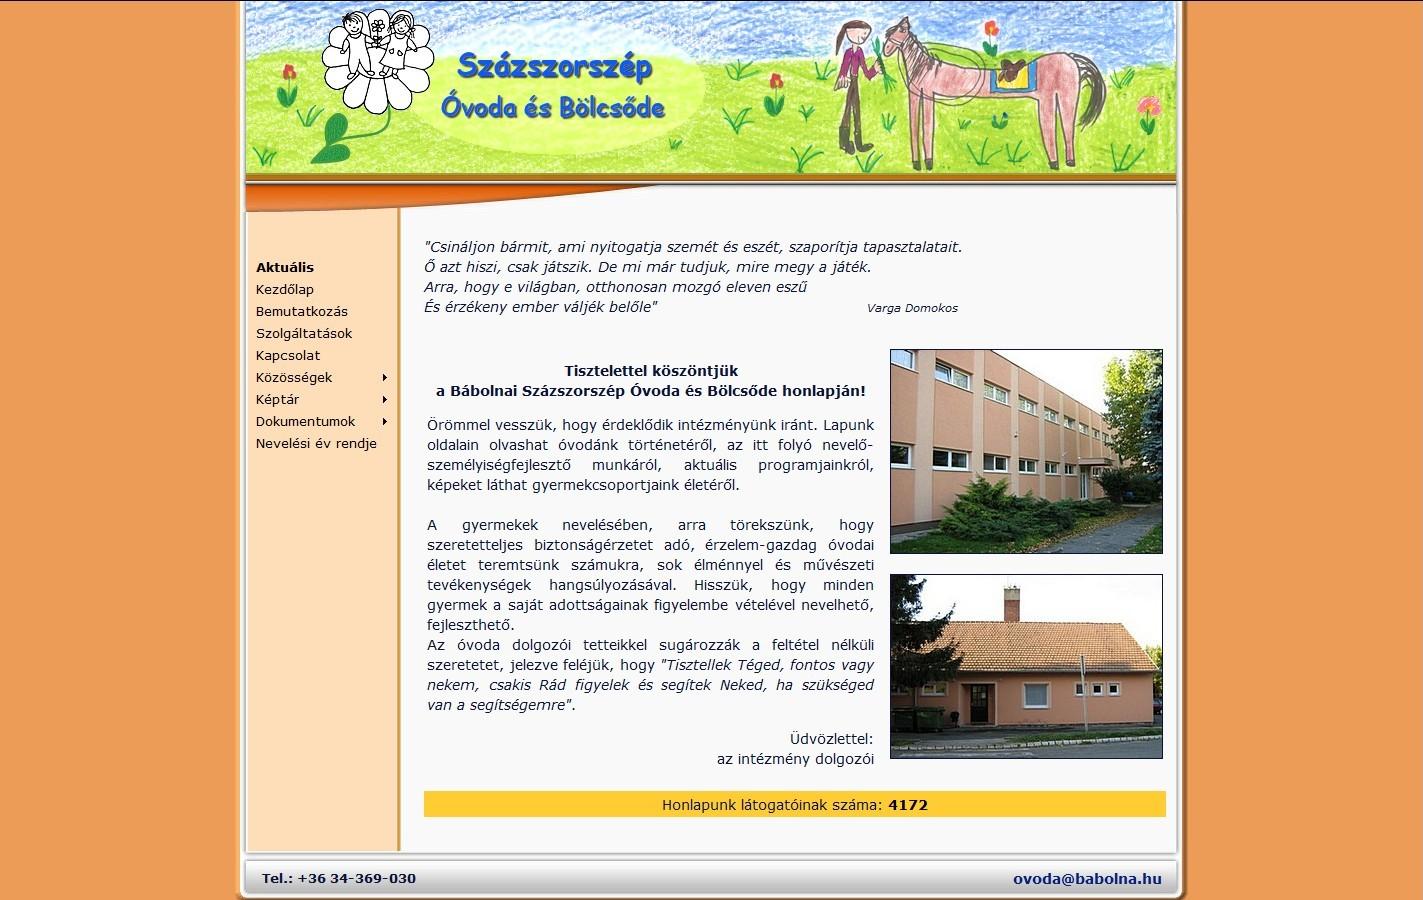 ovoda_babolna_hu